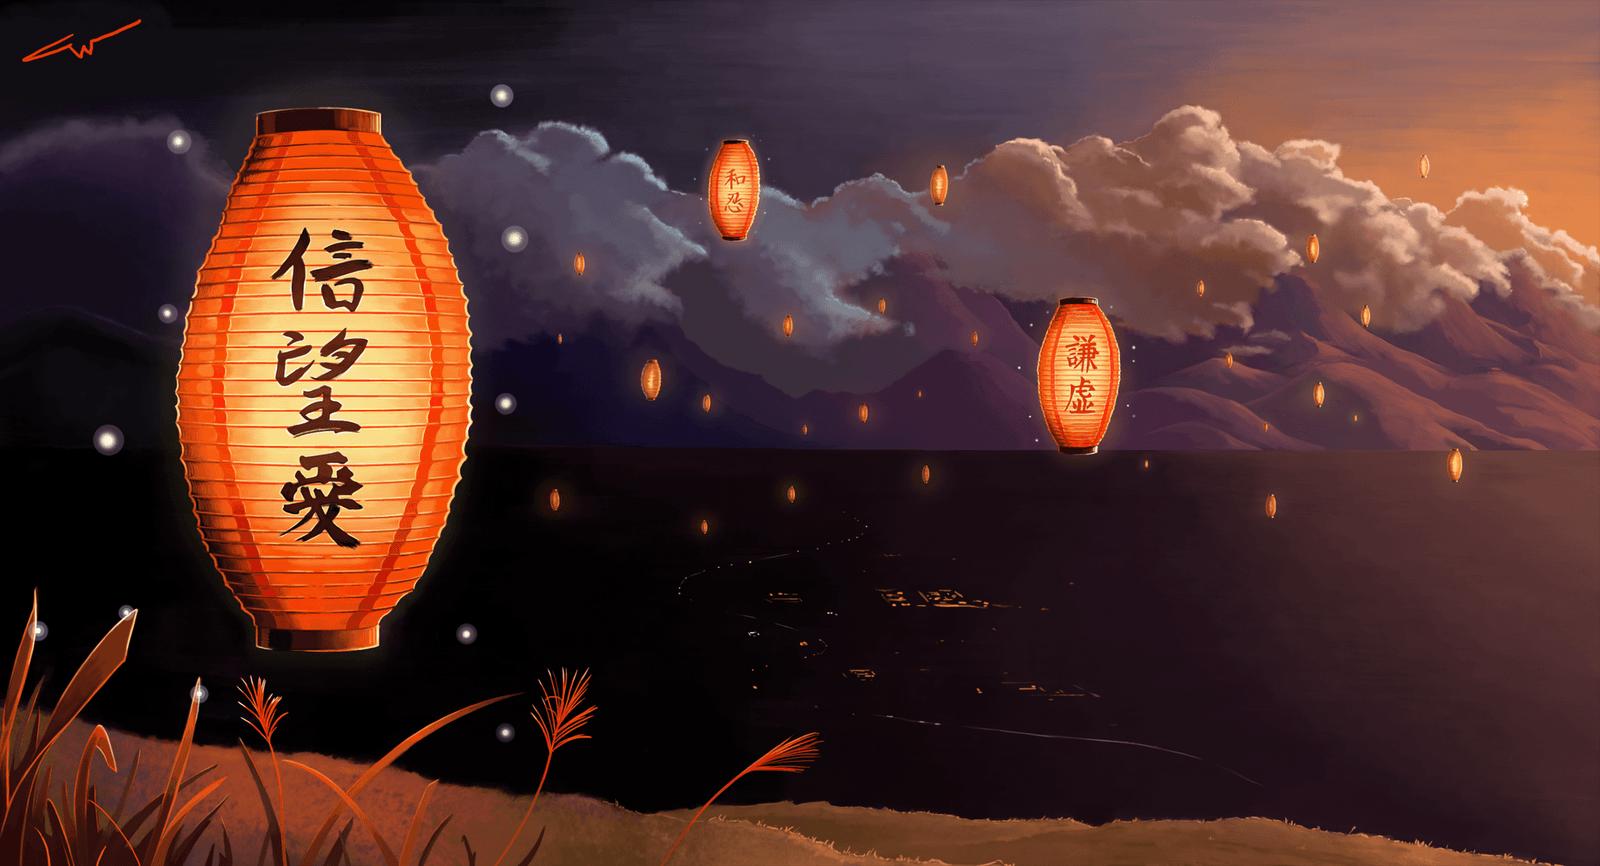 Japanese Lantern Desktop Wallpapers Top Free Japanese Lantern Desktop Backgrounds Wallpaperaccess